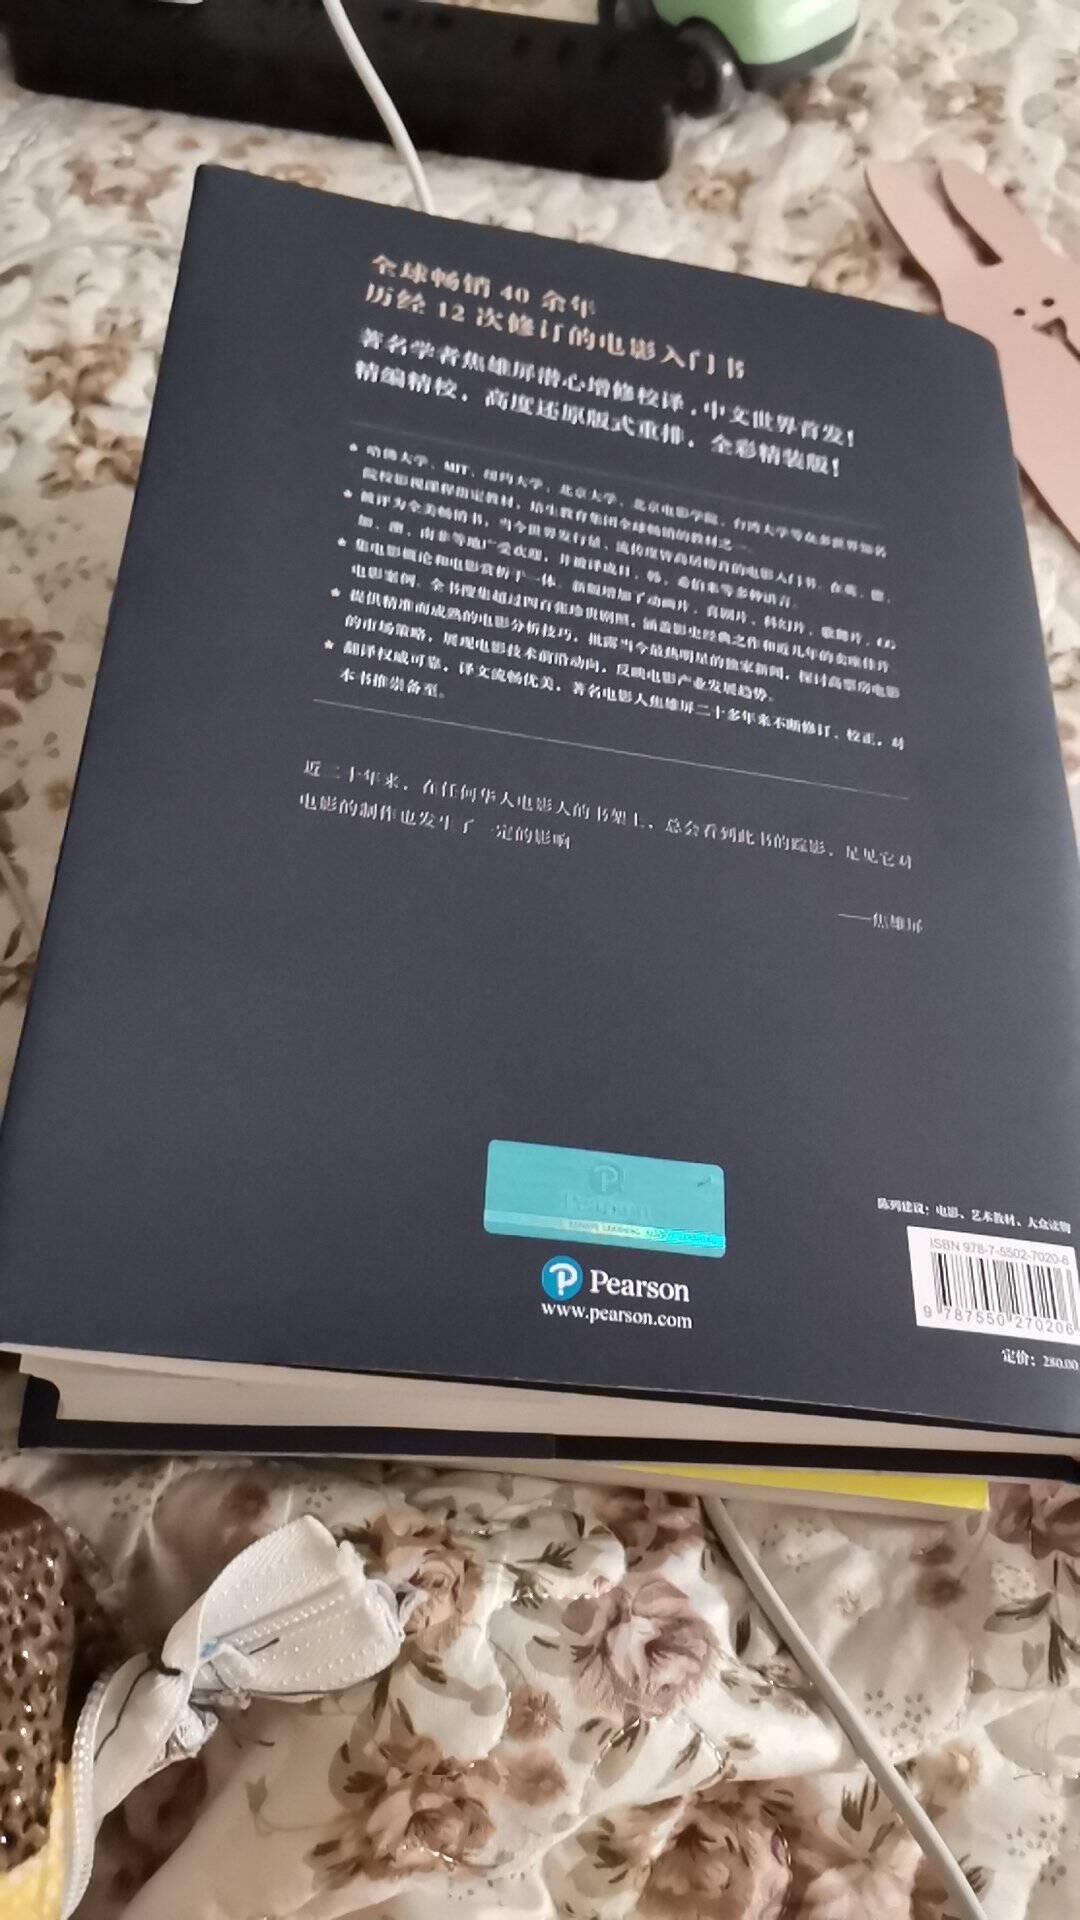 电影学院144·教父电影全剧本:马里奥·普佐与弗朗西斯·科波拉终稿(全彩插图评注版)